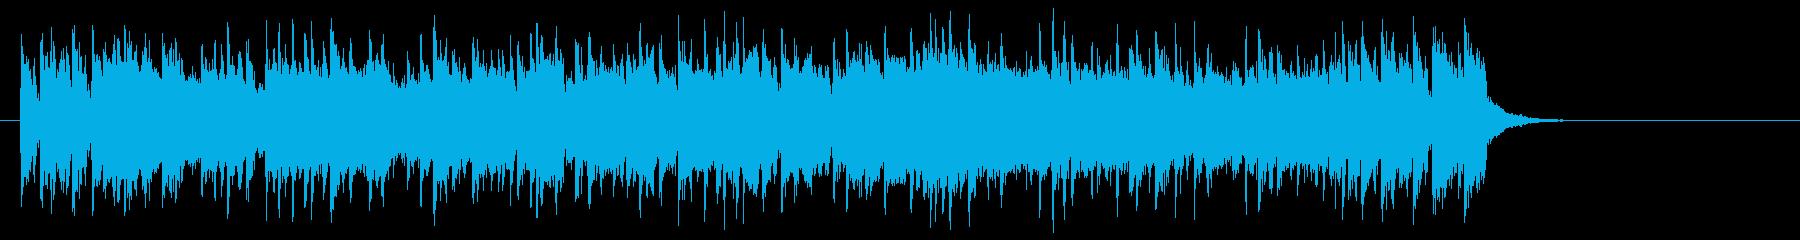 爽快なポップフュージョン(サビ)の再生済みの波形